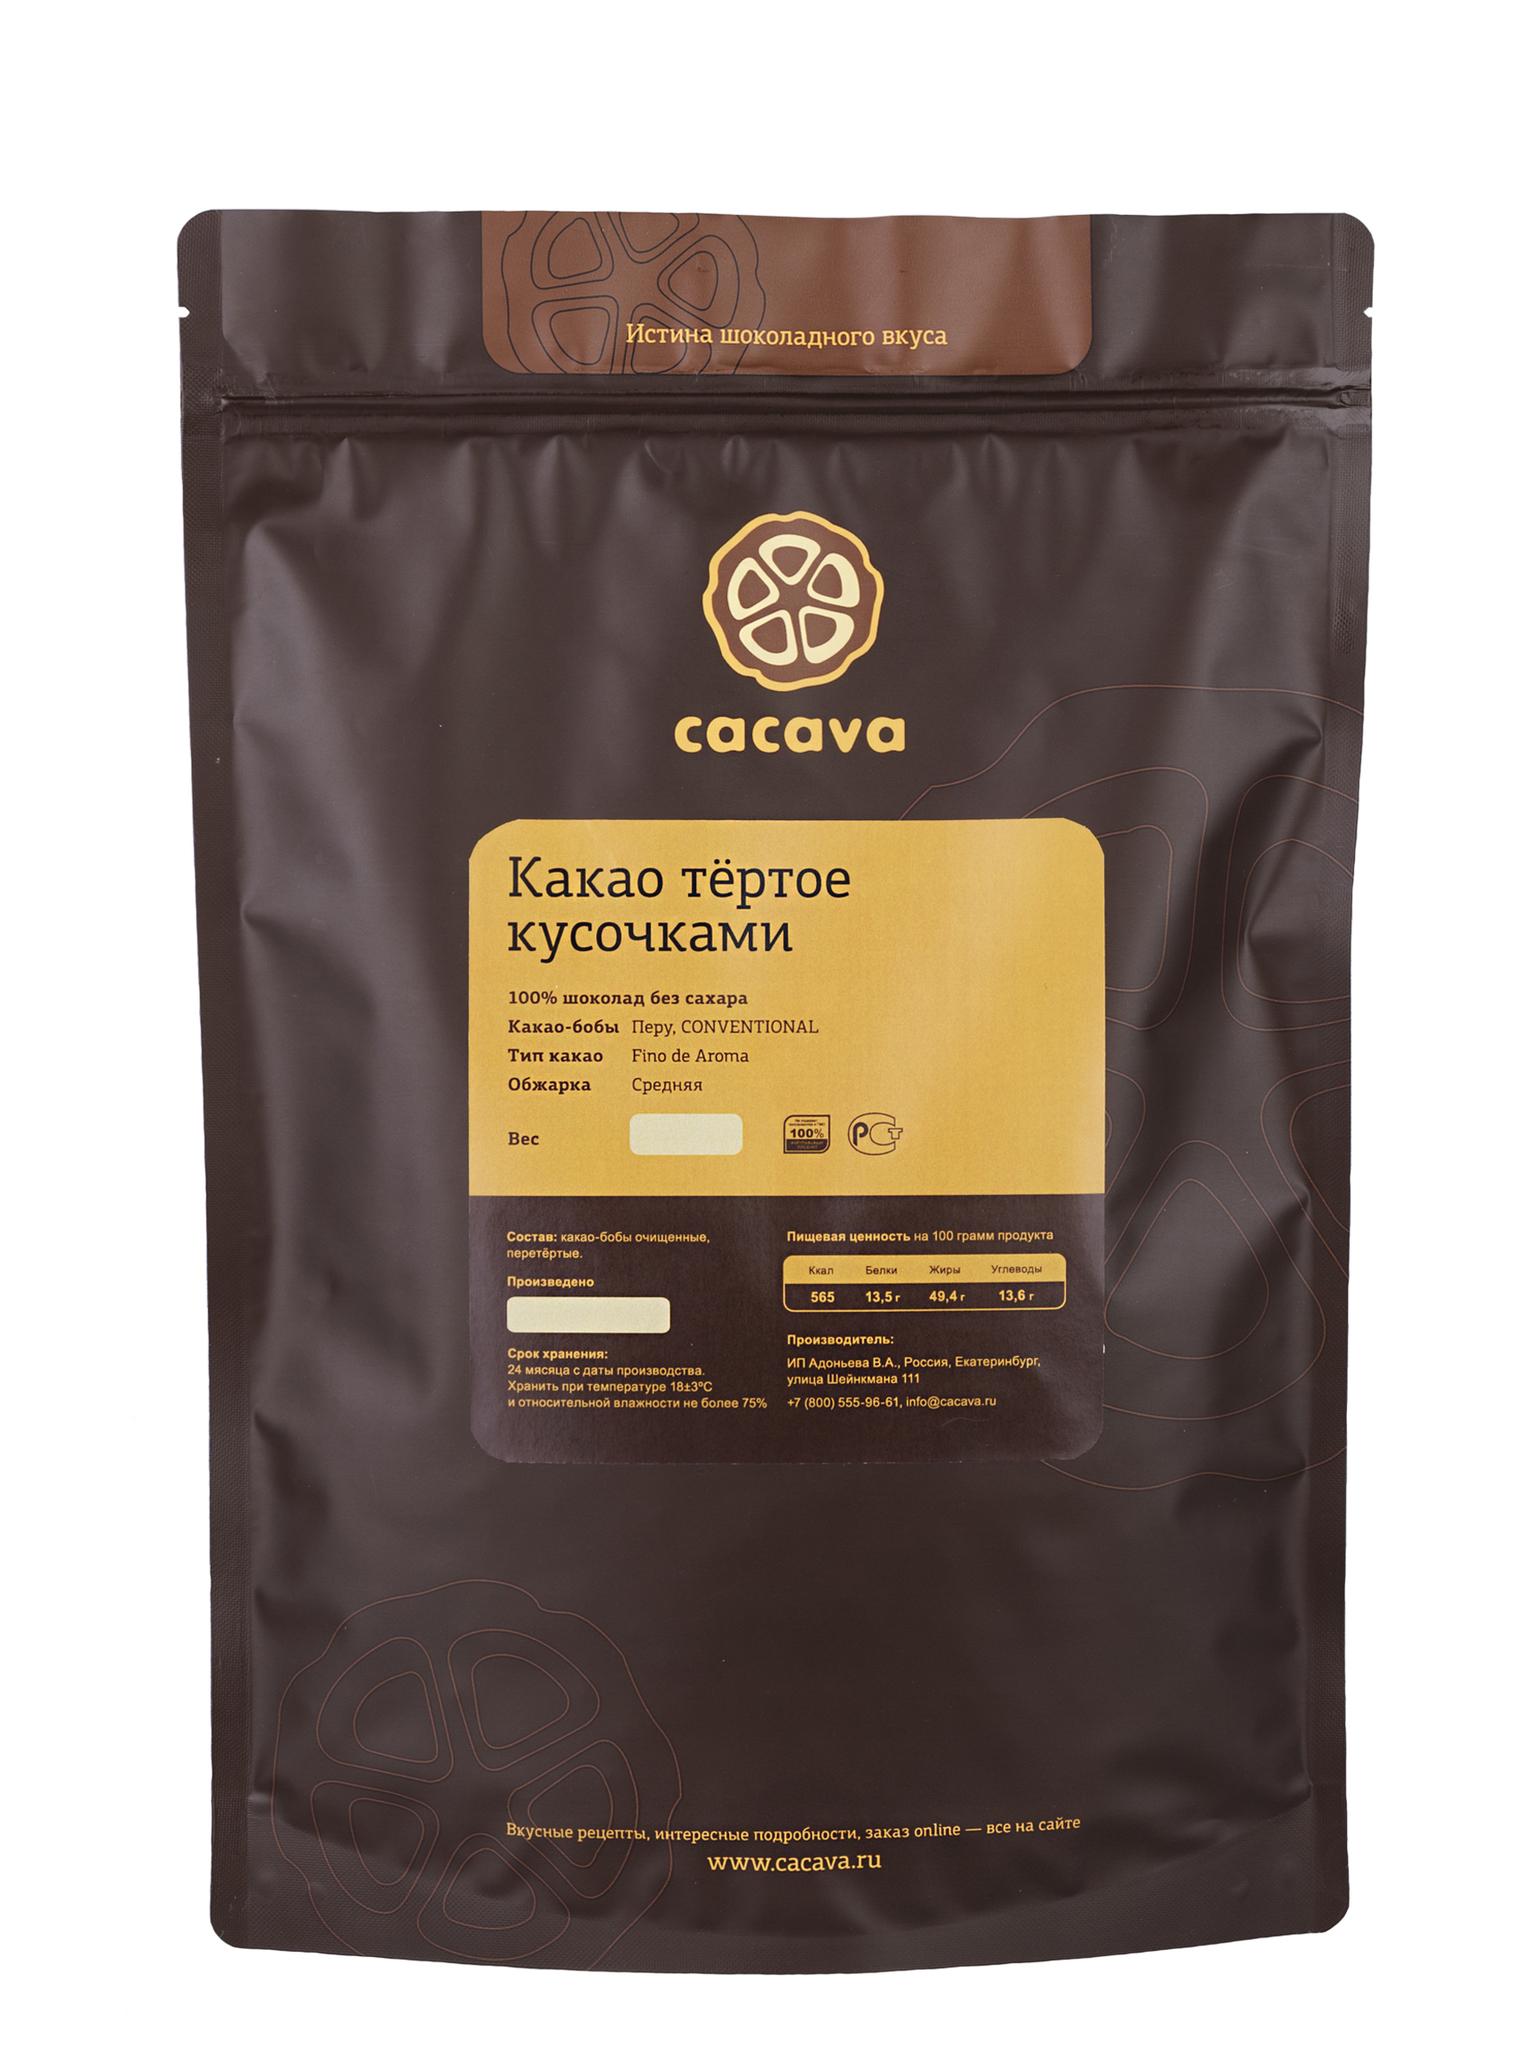 Какао тёртое кусочками (Перу), упаковка 1 и 3 кг